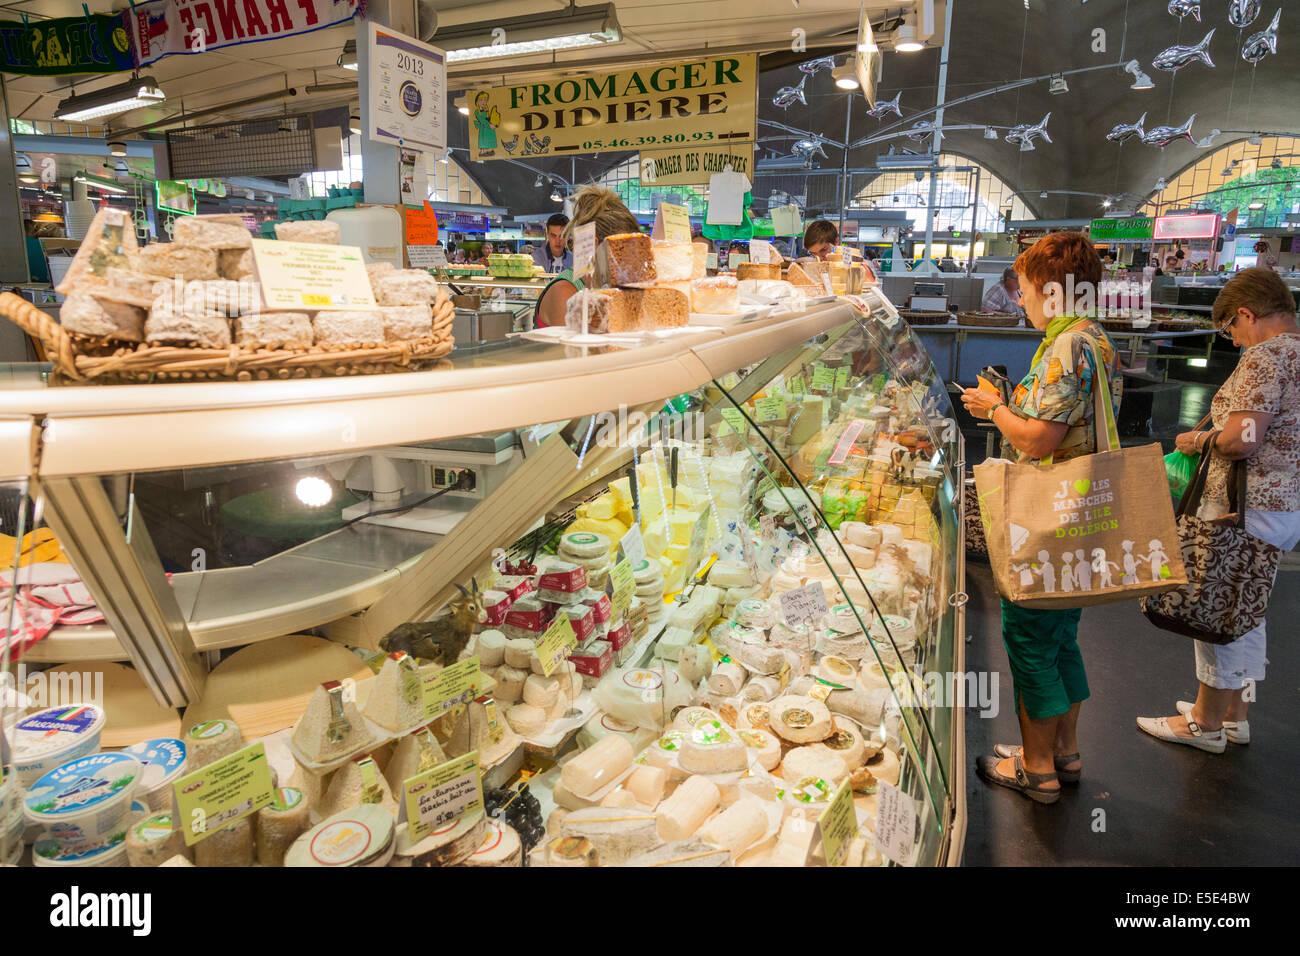 Kunden bei Cheese stall im französischen Markthalle. Stockbild